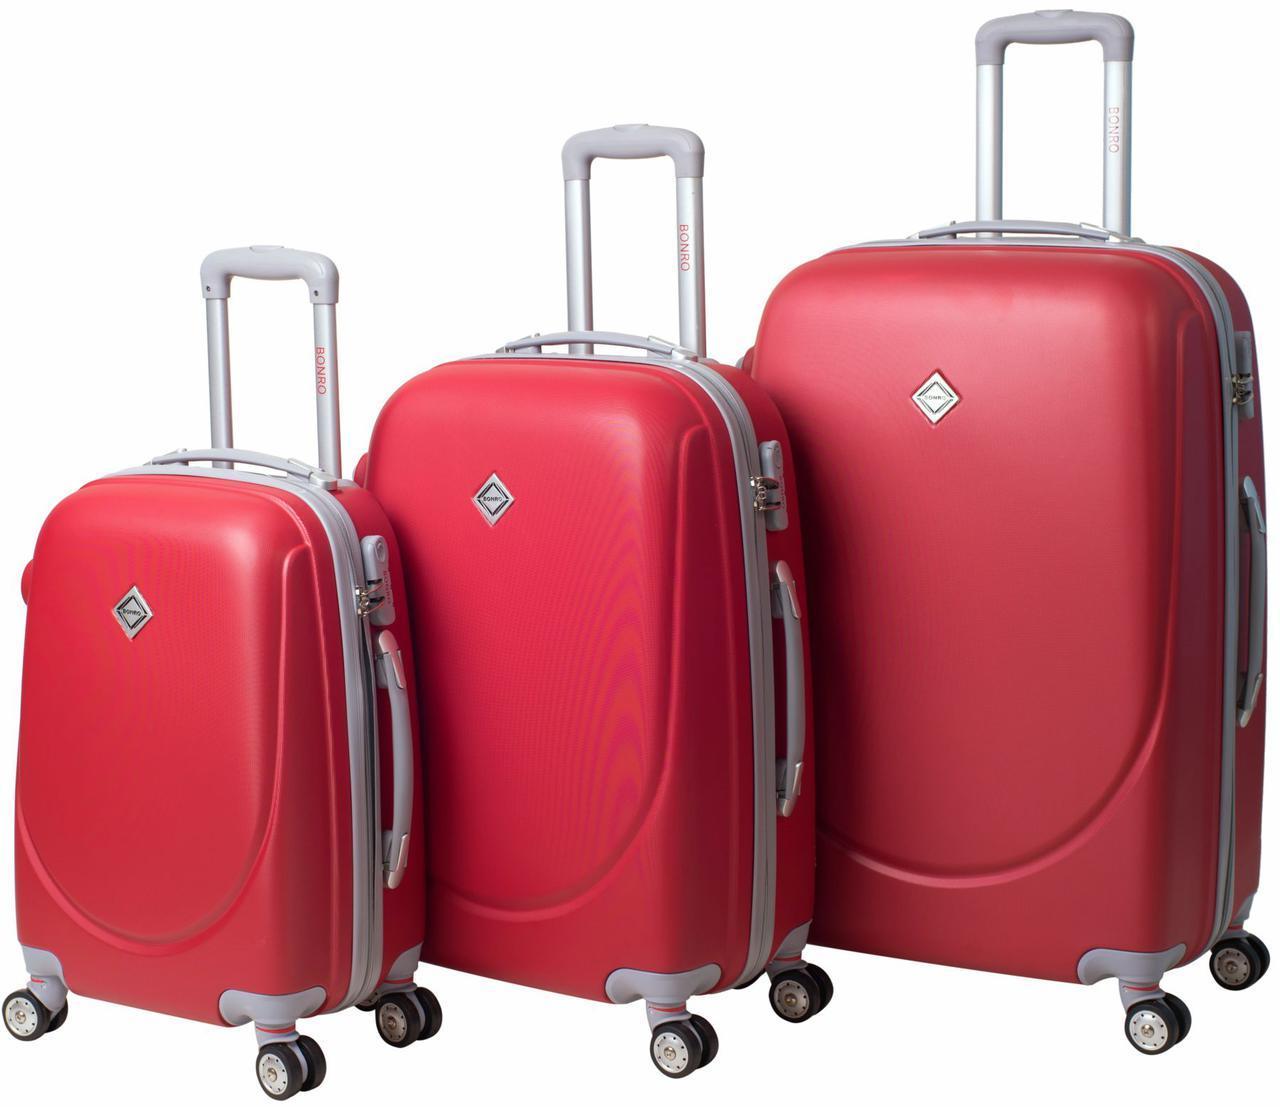 Набор чемоданов на колесах Bonro Smile с двойными колесами Красный 3 штуки